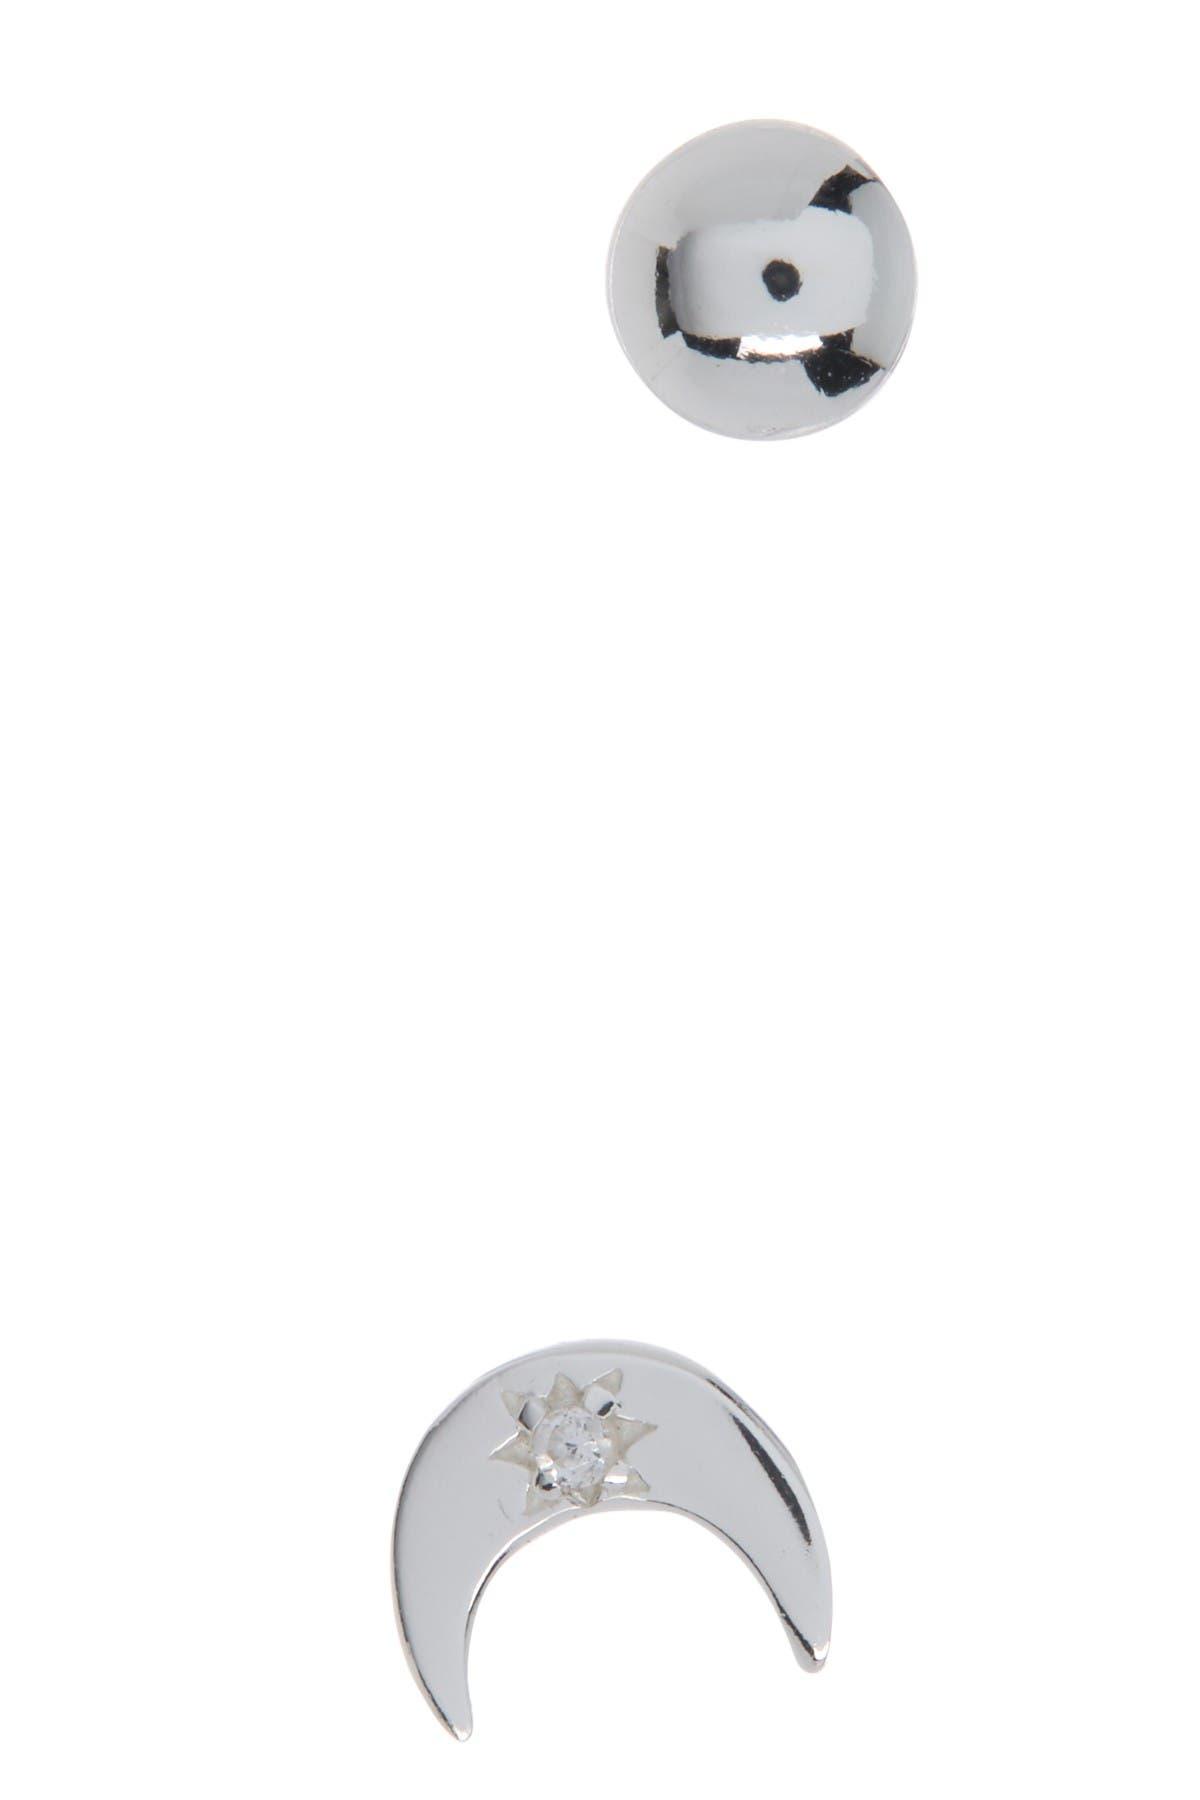 Image of Argento Vivo Crescent Moon & Ball Stud Earrings Set